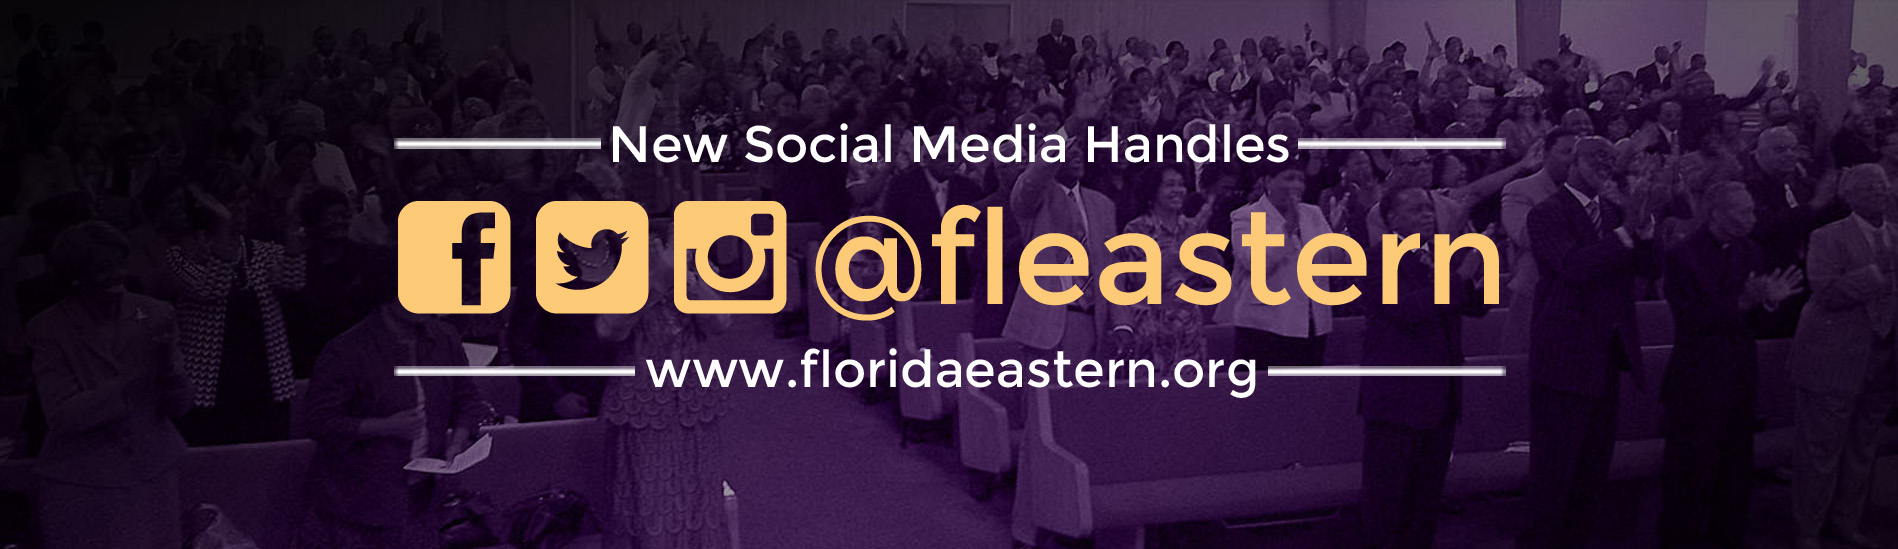 fleastern-webslider2-socialmedia